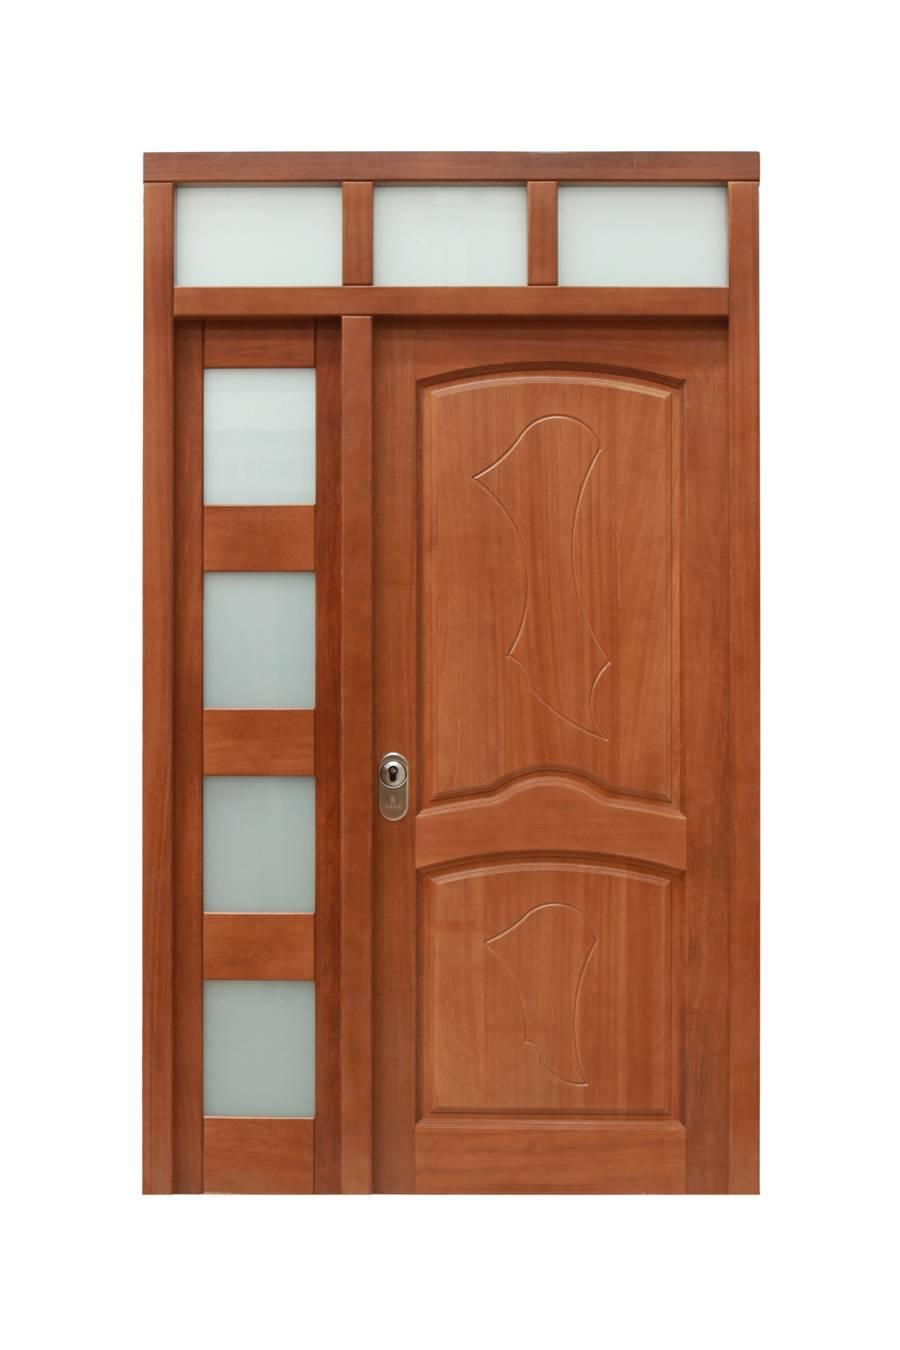 3926 marco no 15hoja x19 240x140 77fs 1barn for Puertas para calle modernas